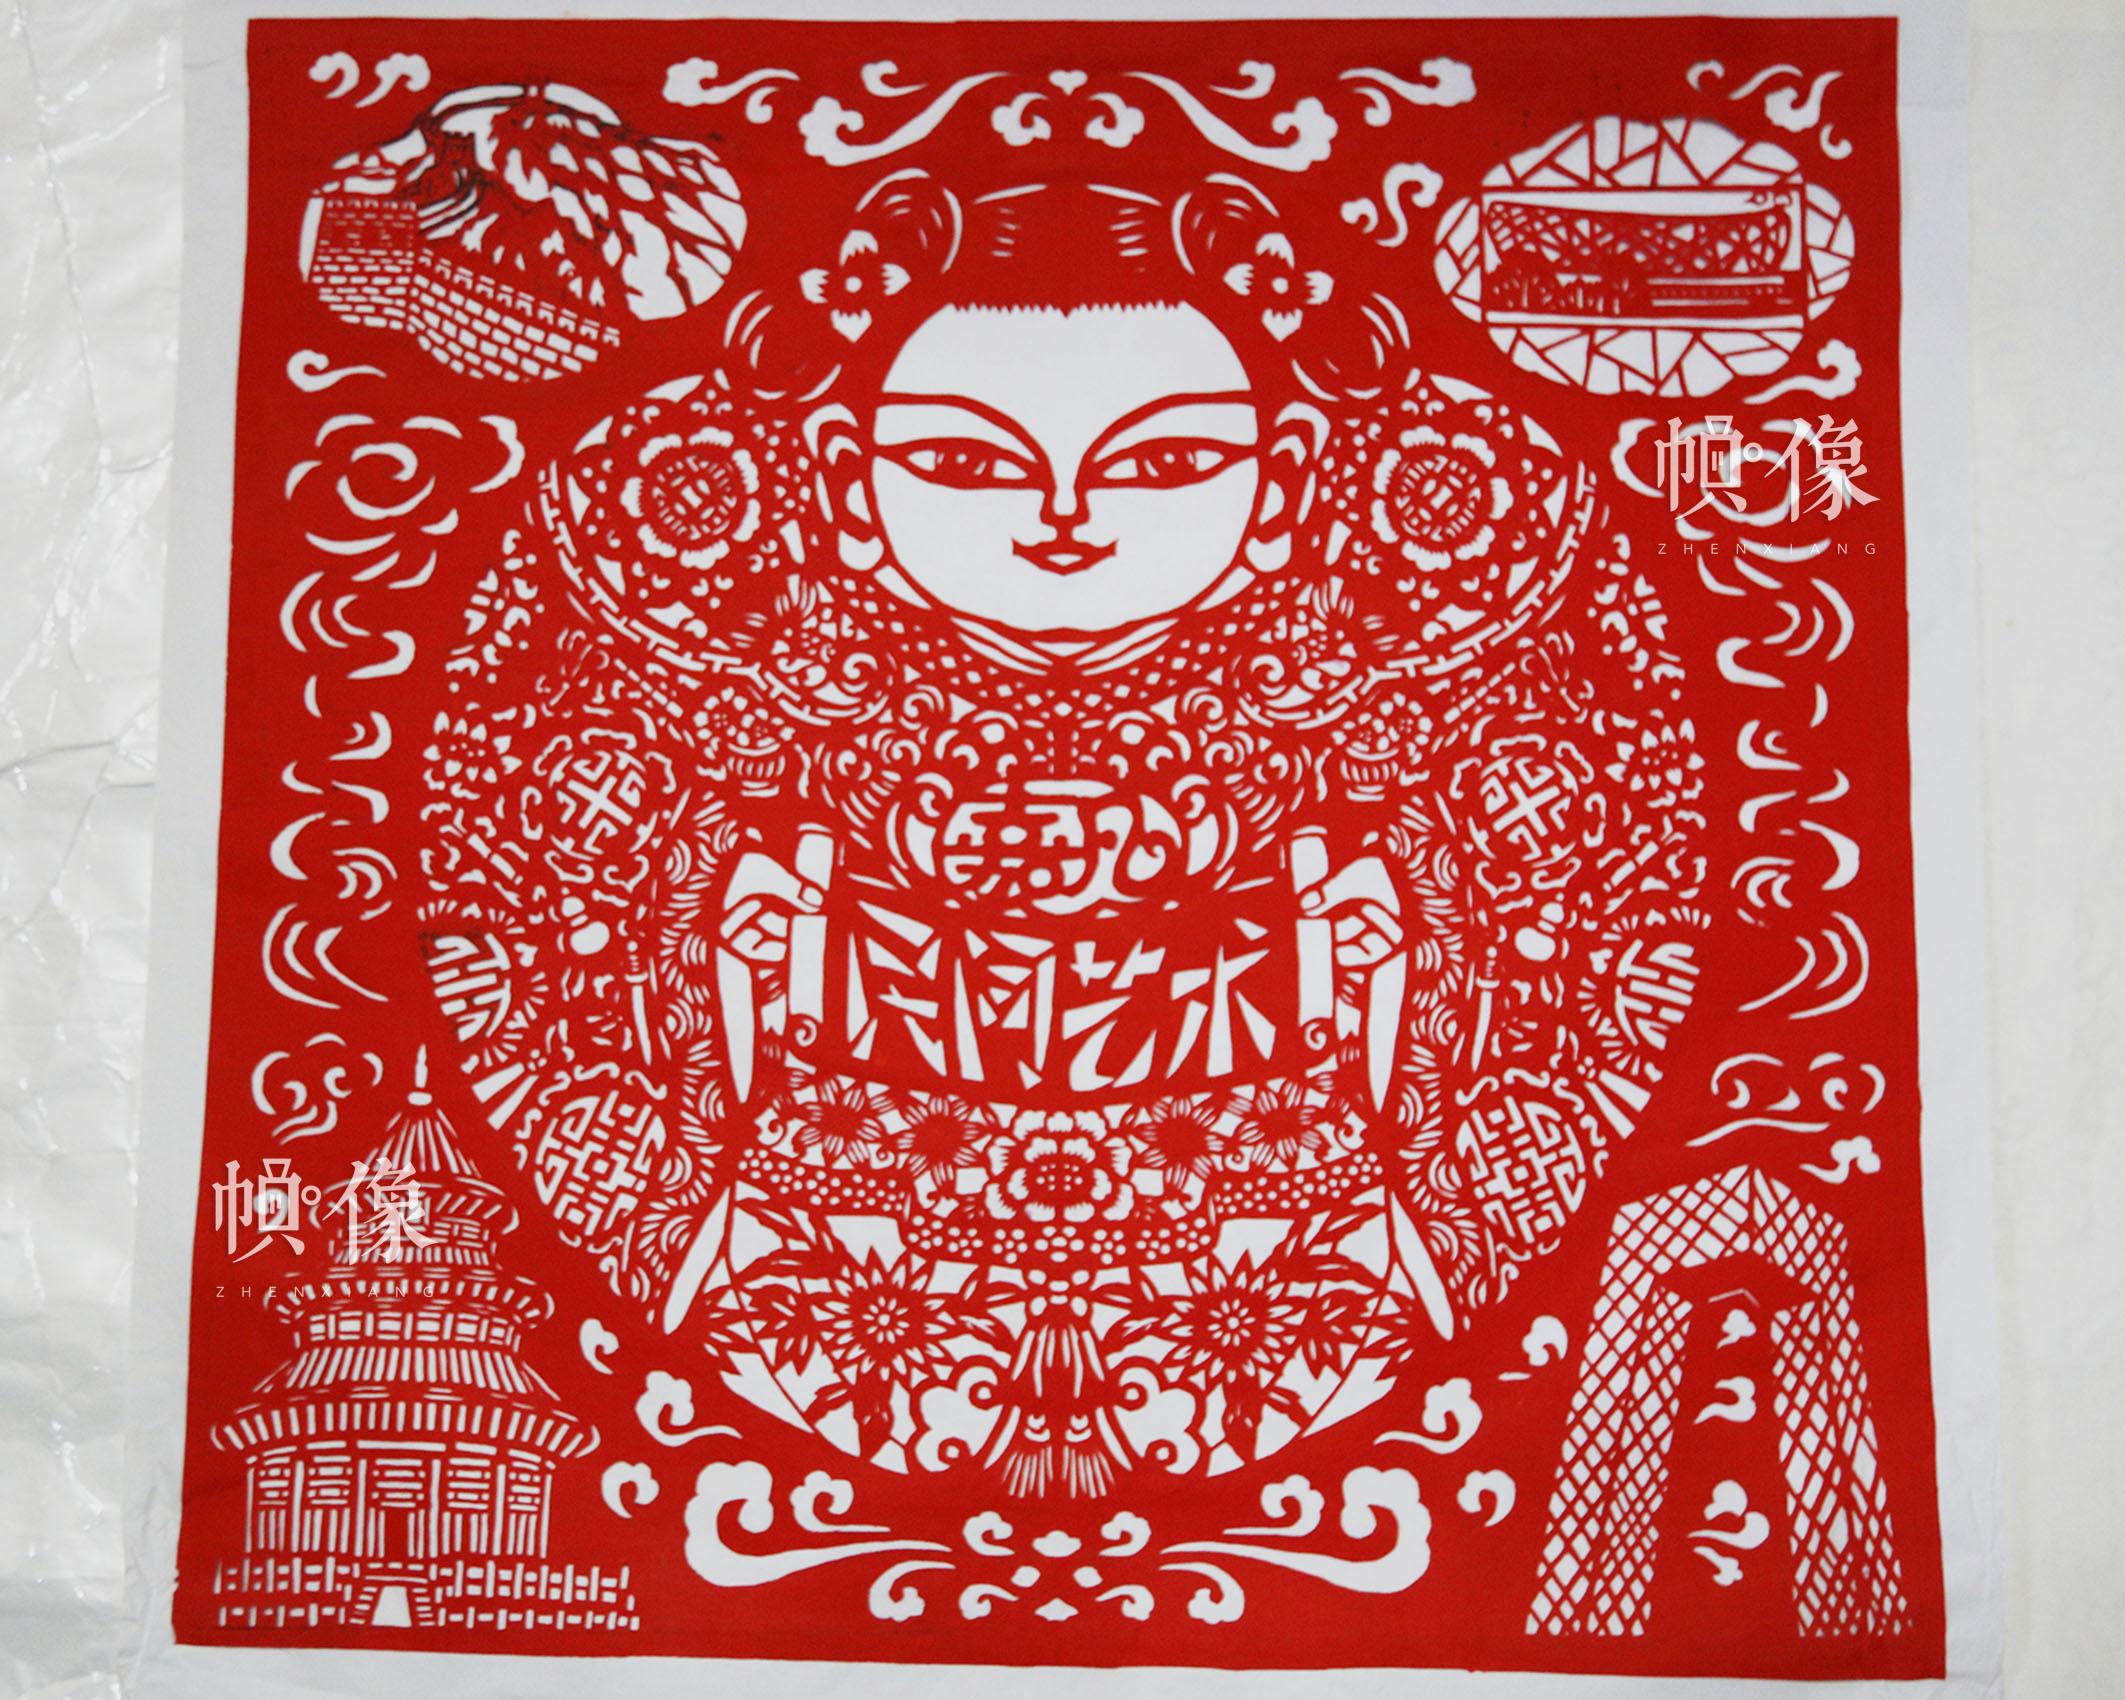 吉祥物福娃和传统剪纸花纹等元素,表现出春节团圆时的安乐幸福,作品在